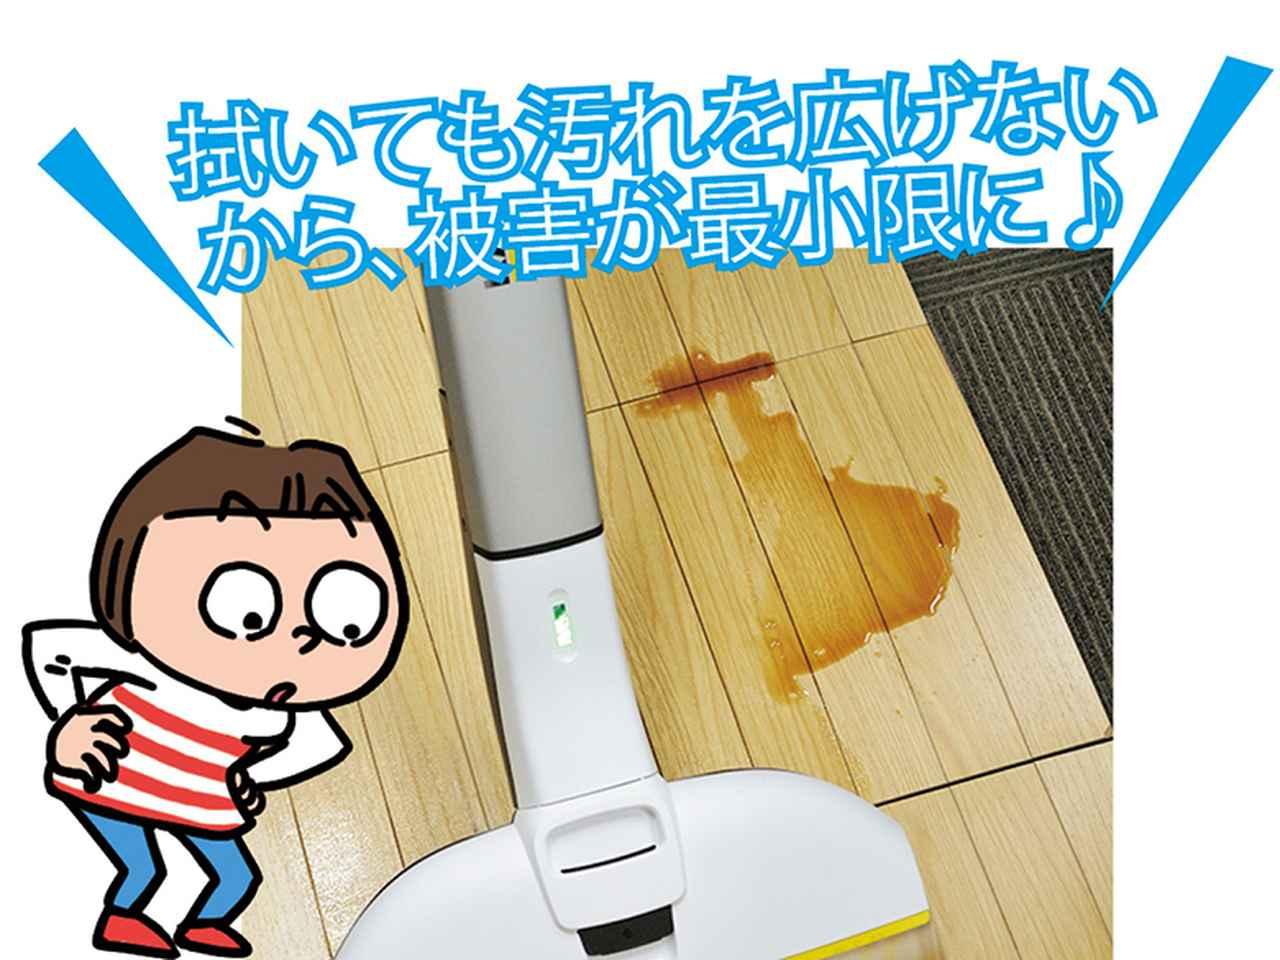 画像: ローラーの汚れはスクイージーがかき取って、タンクに回収してくれる。